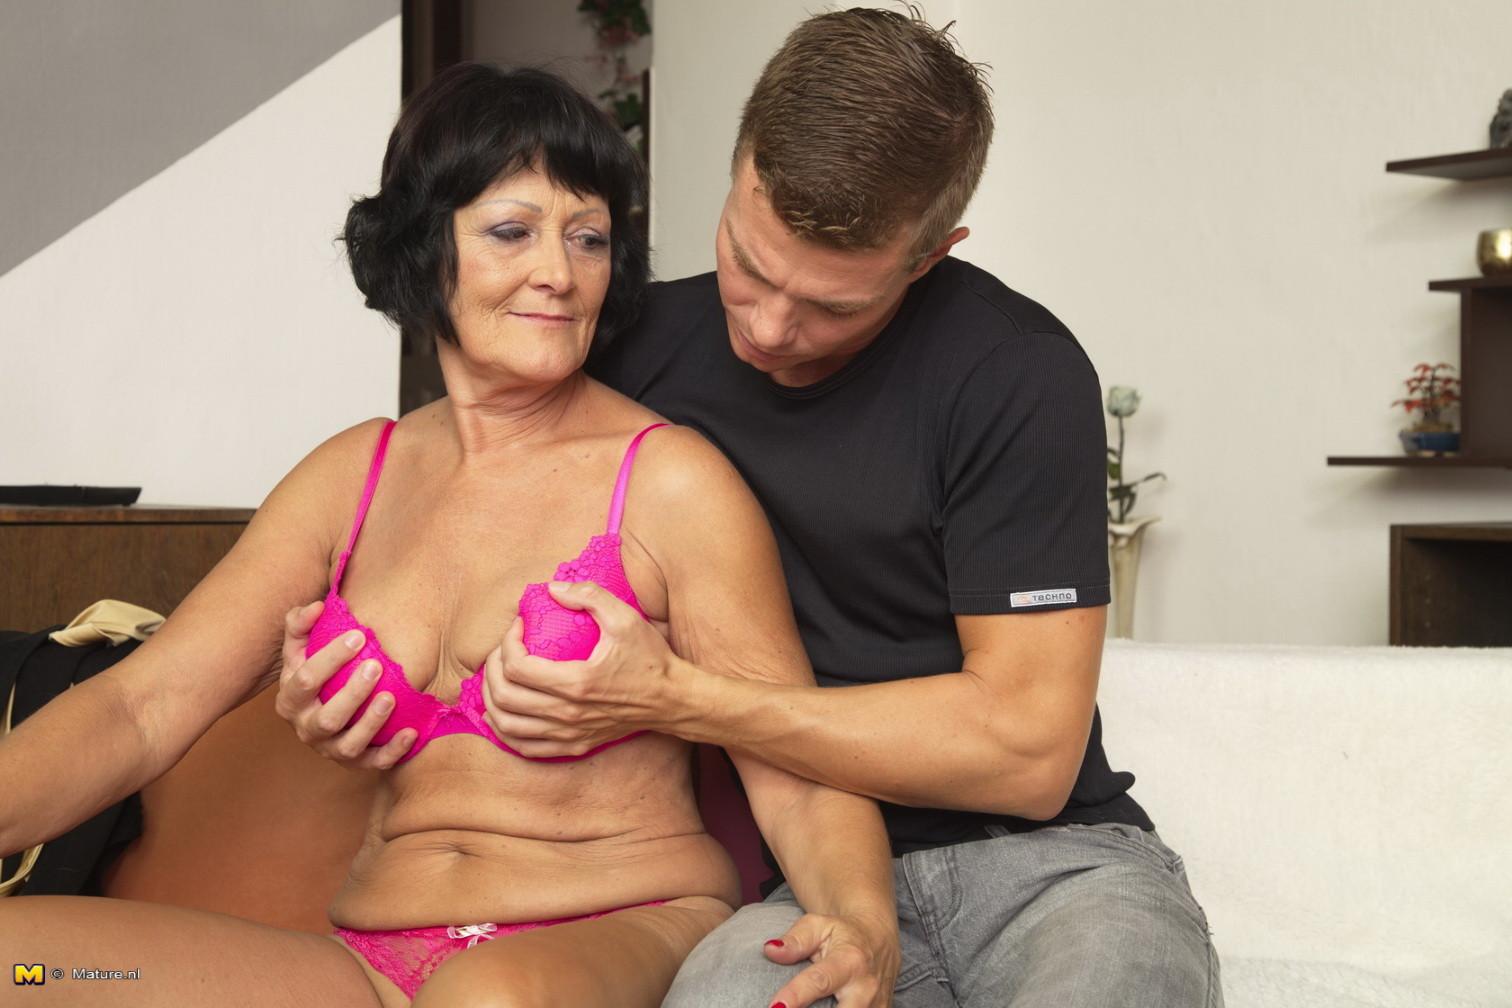 Совершеннолетней красавчик доставляет удовлетворение возрастной бабе, даря ласке ее немолодой сиськи